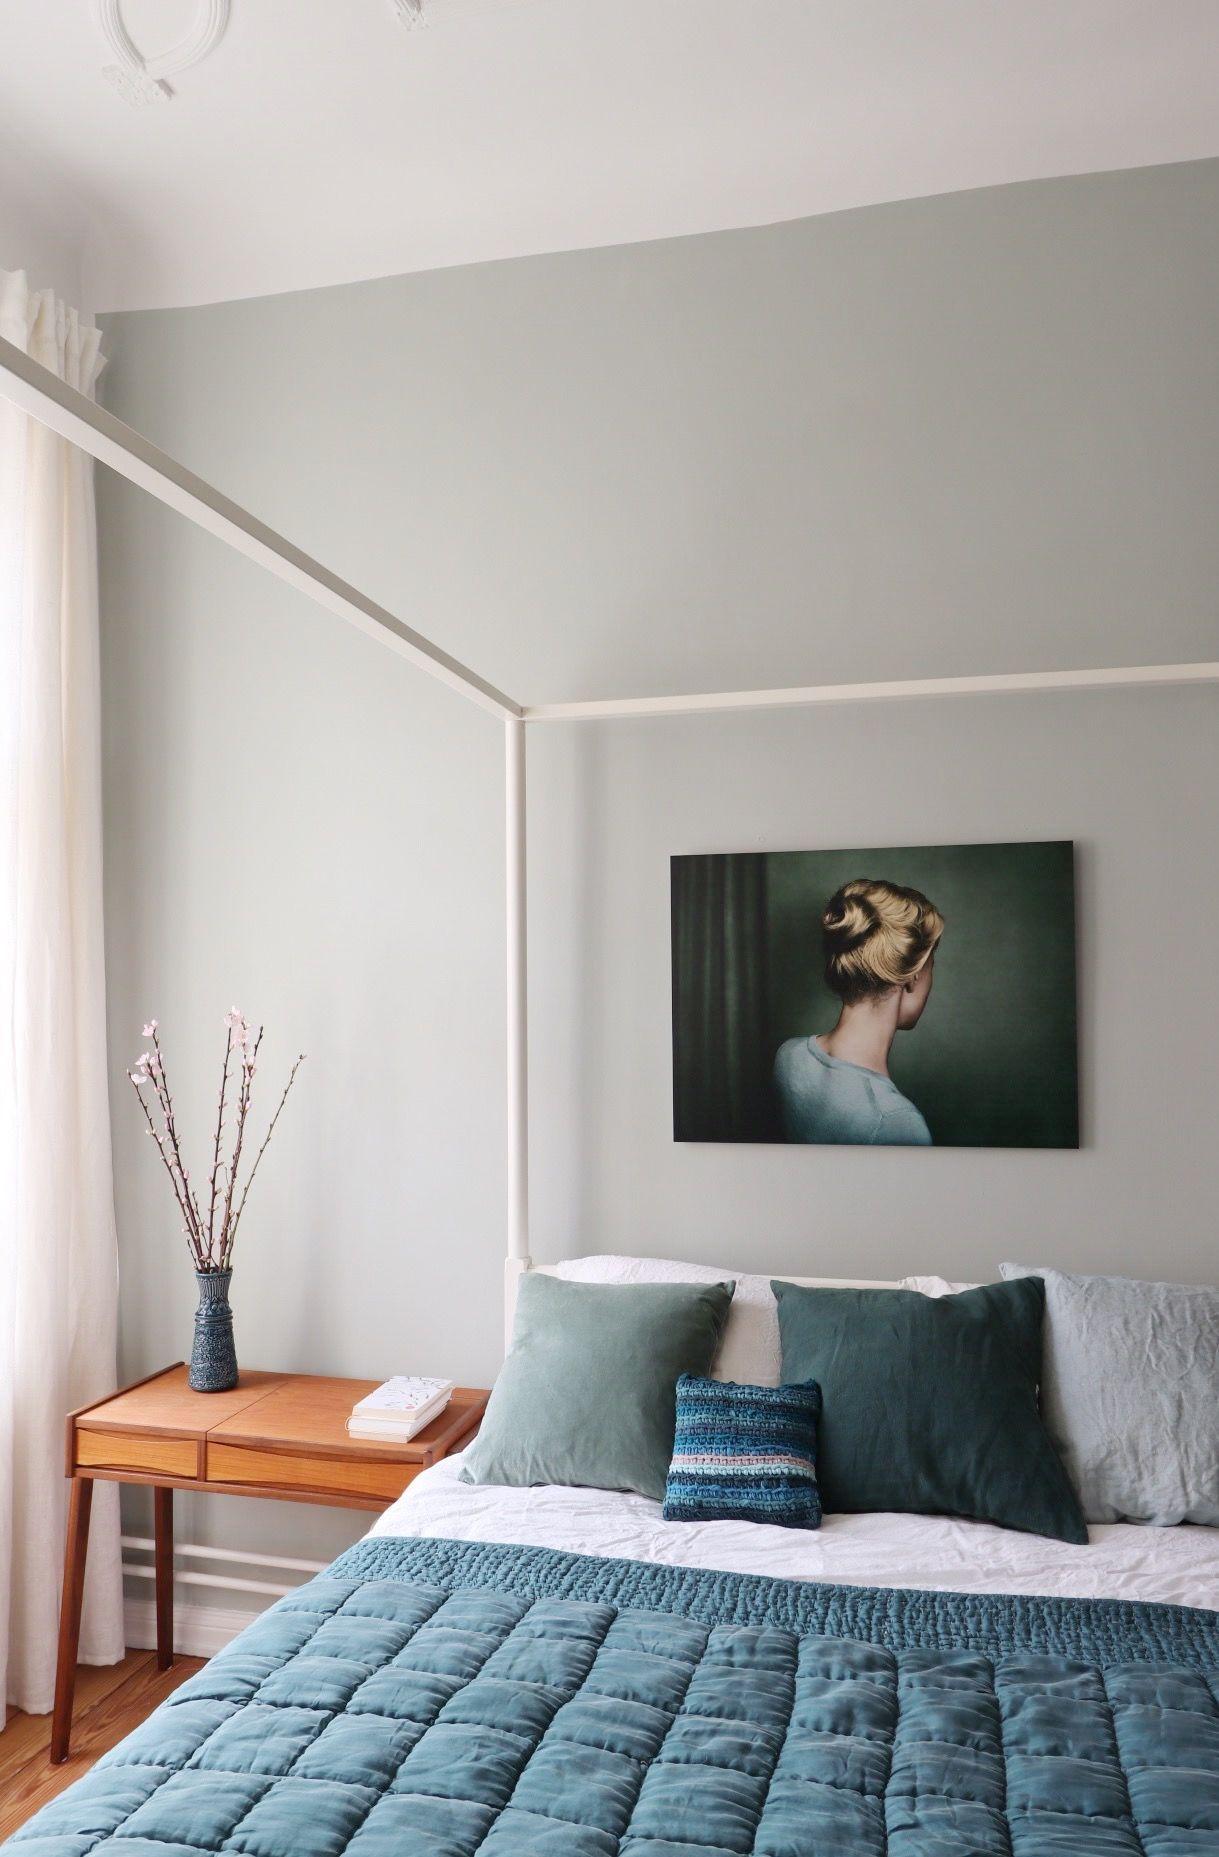 Farben Schlafzimmer Beruhigend - Caseconrad.com